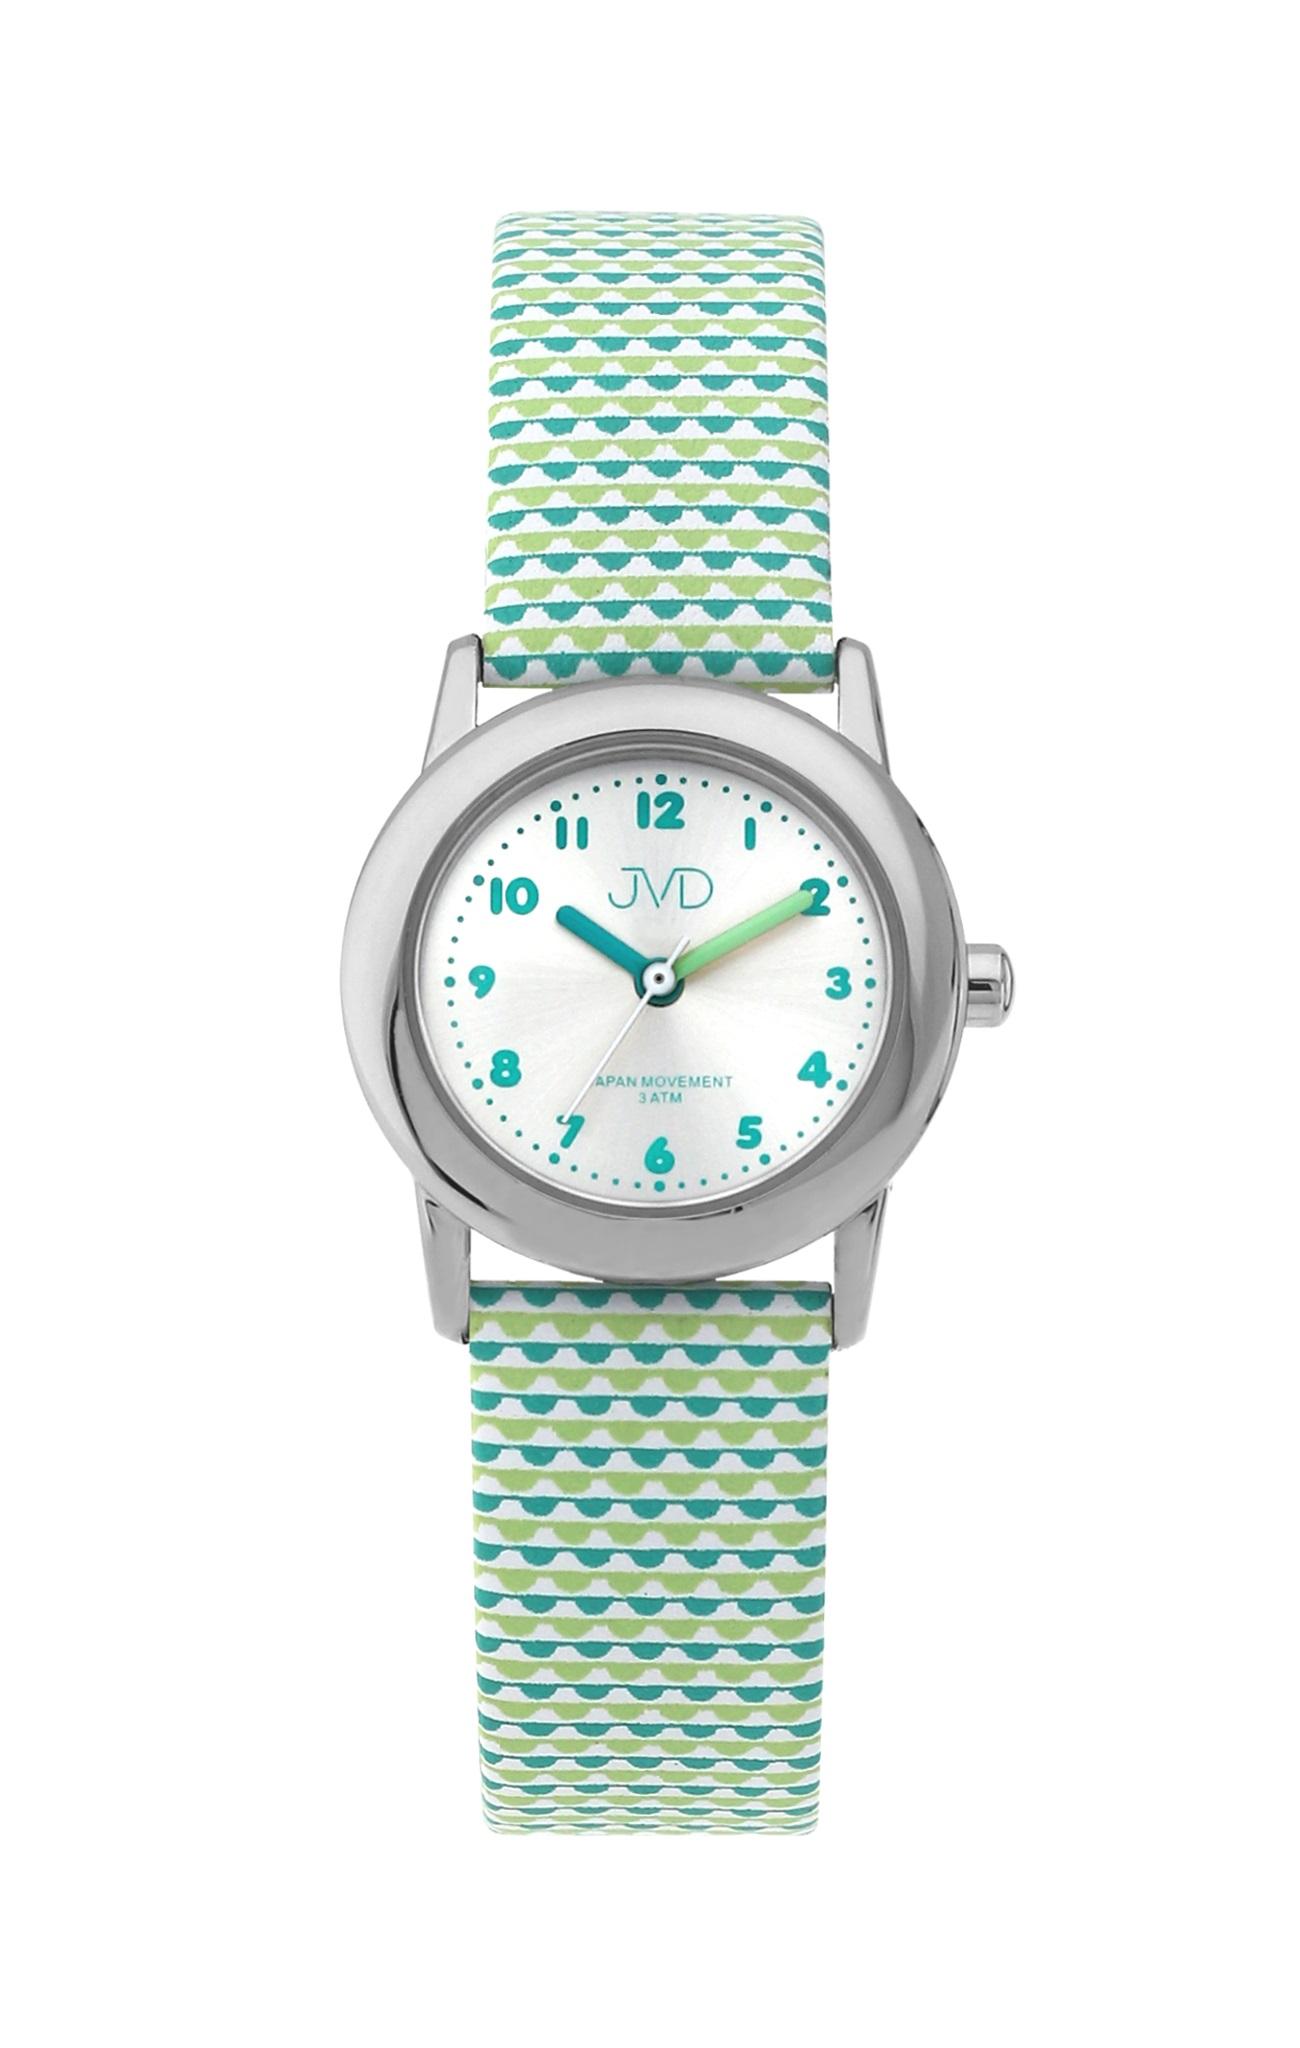 Dětské dívčí náramkové hodinky JVD J7180.1 (dívčí dětské hodinky)